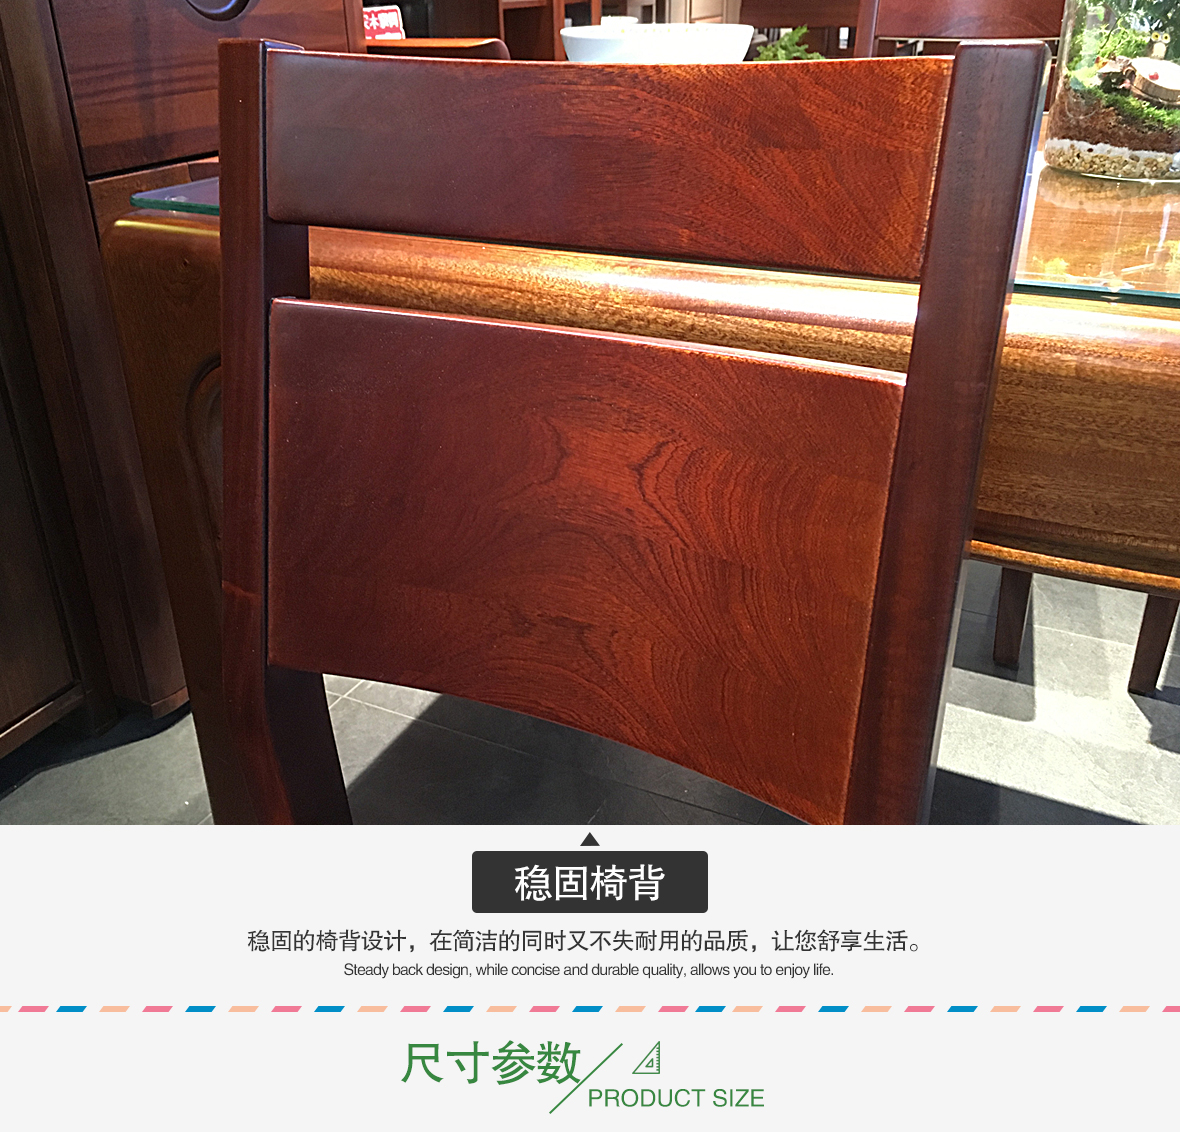 意风家具 KN04C+NP23*4型号沙比利木一桌四椅图片、价格、品牌、评测样样齐全!【蓝景商城正品行货,蓝景丽家大钟寺家居广场提货,北京地区配送,领券更优惠,线上线下同品同价,立即购买享受更多优惠哦!】